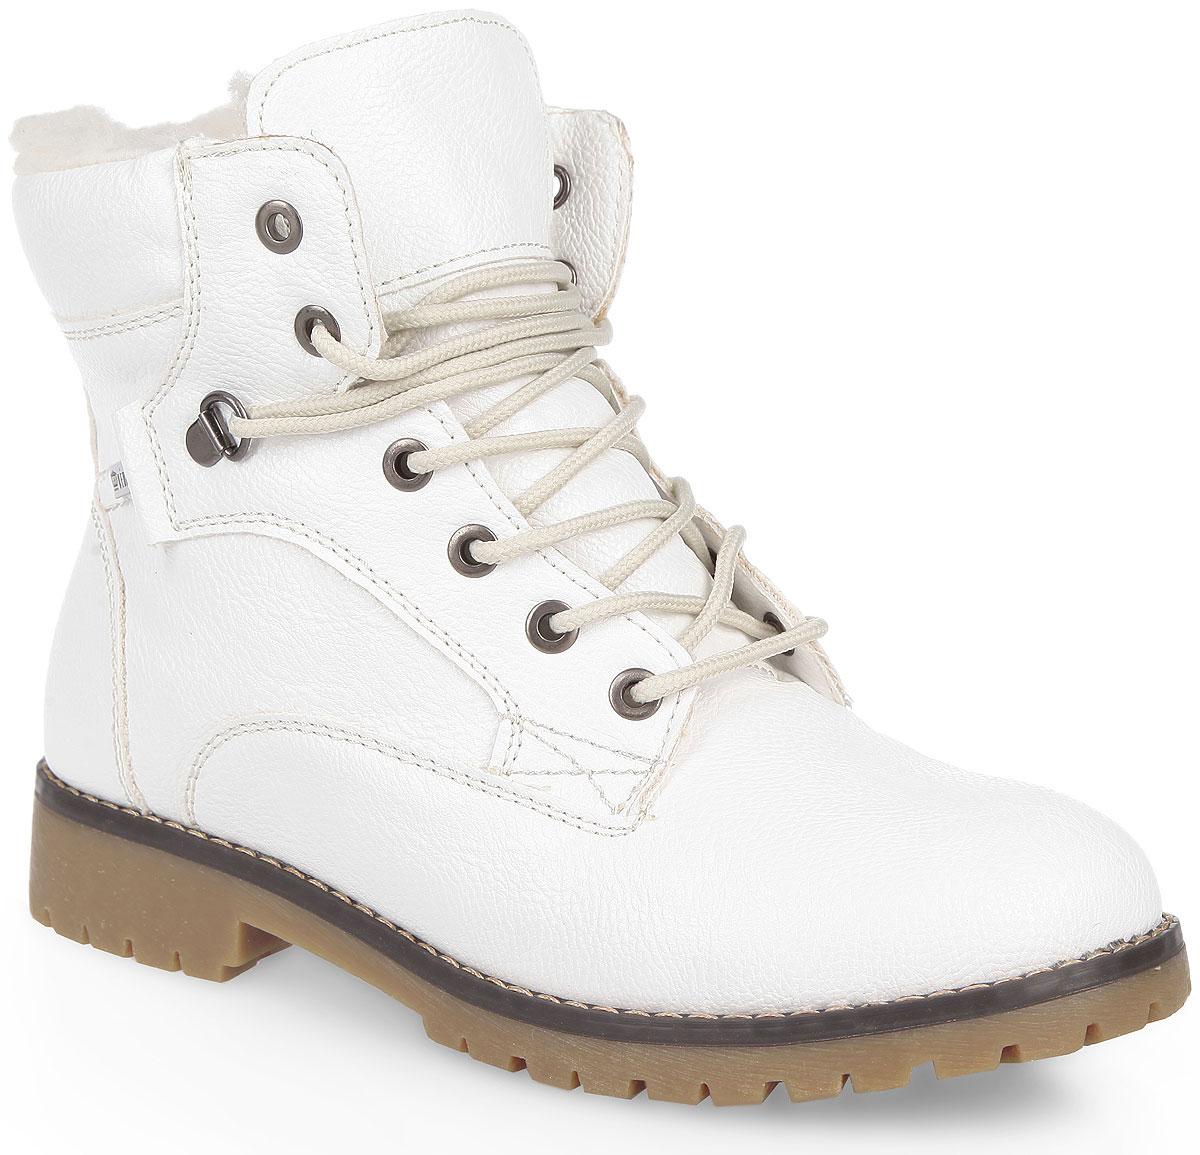 Ботинки женские. 858327/18858327/18-06Стильные женские ботинки от Keddo заинтересуют вас своим дизайном с первого взгляда! Модель выполнена из искусственной кожи и оформлена вдоль ранта крупной прострочкой. Подкладка и стелька, выполненные из натуральной шерсти, обеспечат комфорт и тепло. Удобная шнуровка надежно фиксирует модель на стопе. Каблук и подошва с рельефным протектором обеспечивает отличное сцепление на любой поверхности. В этих ботинках вашим ногам будет комфортно и уютно.